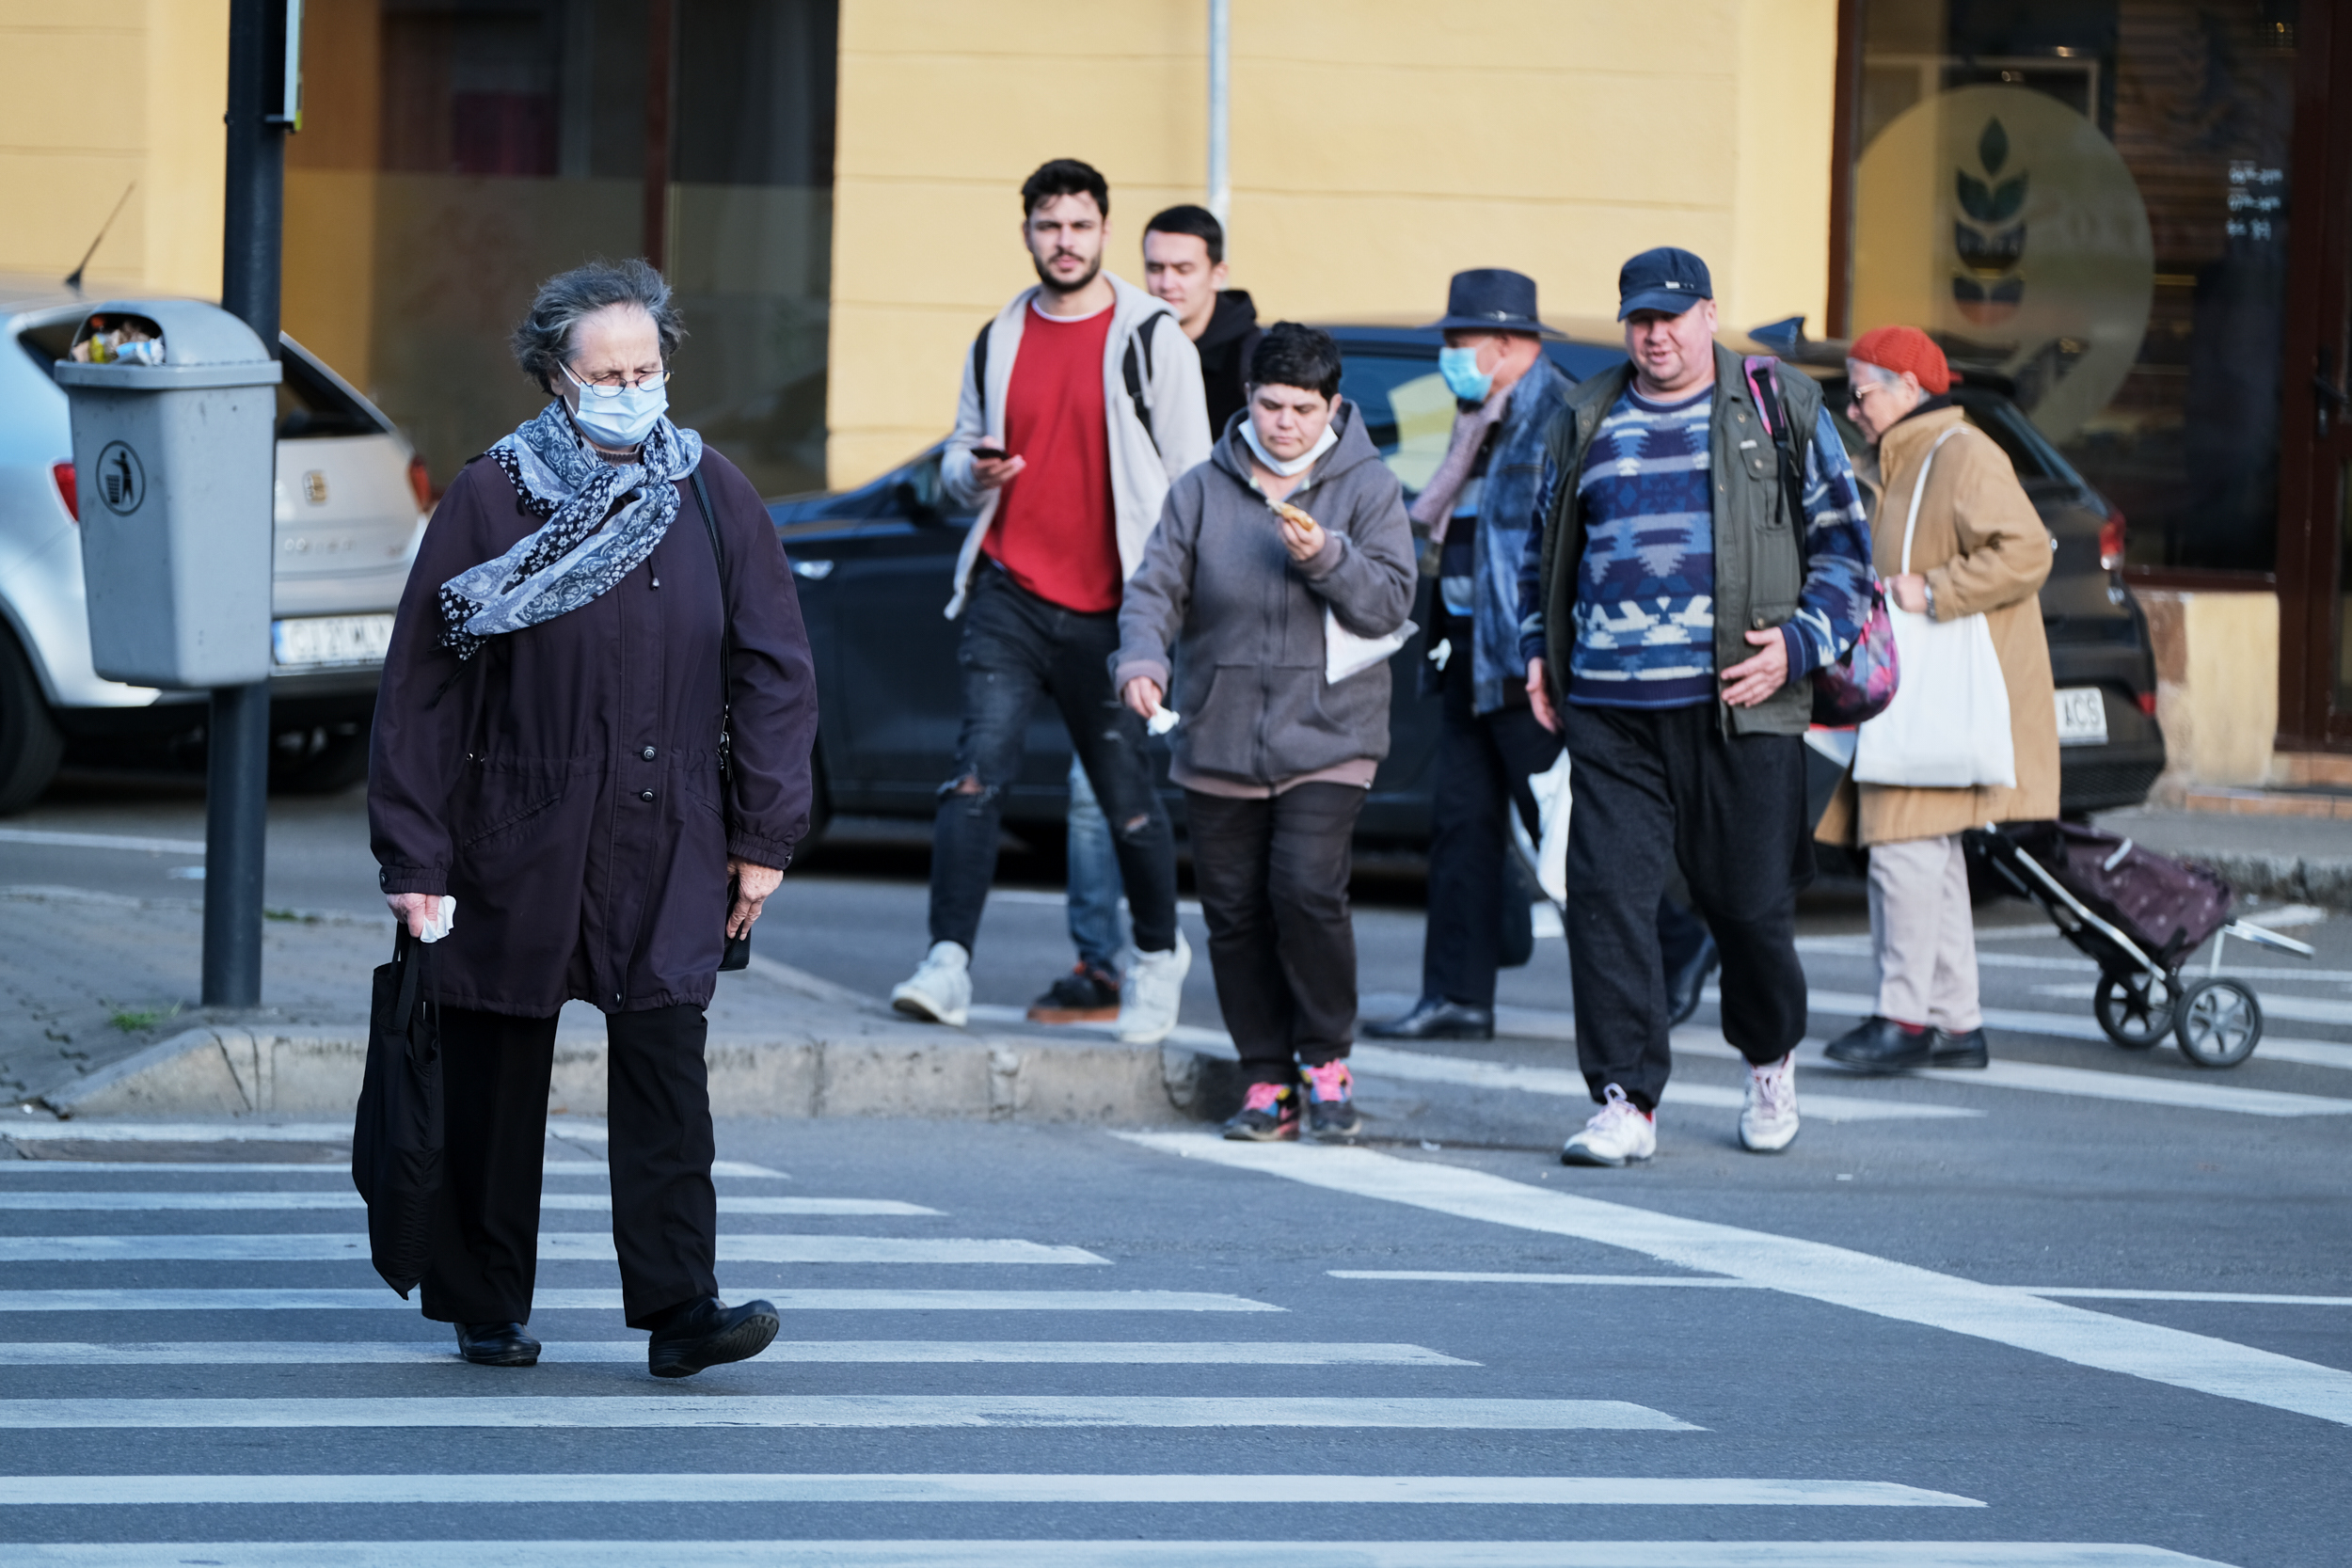 Incidenţa COVID-19 din Bucureşti este în continuă creştere. Rata de infectare duminică